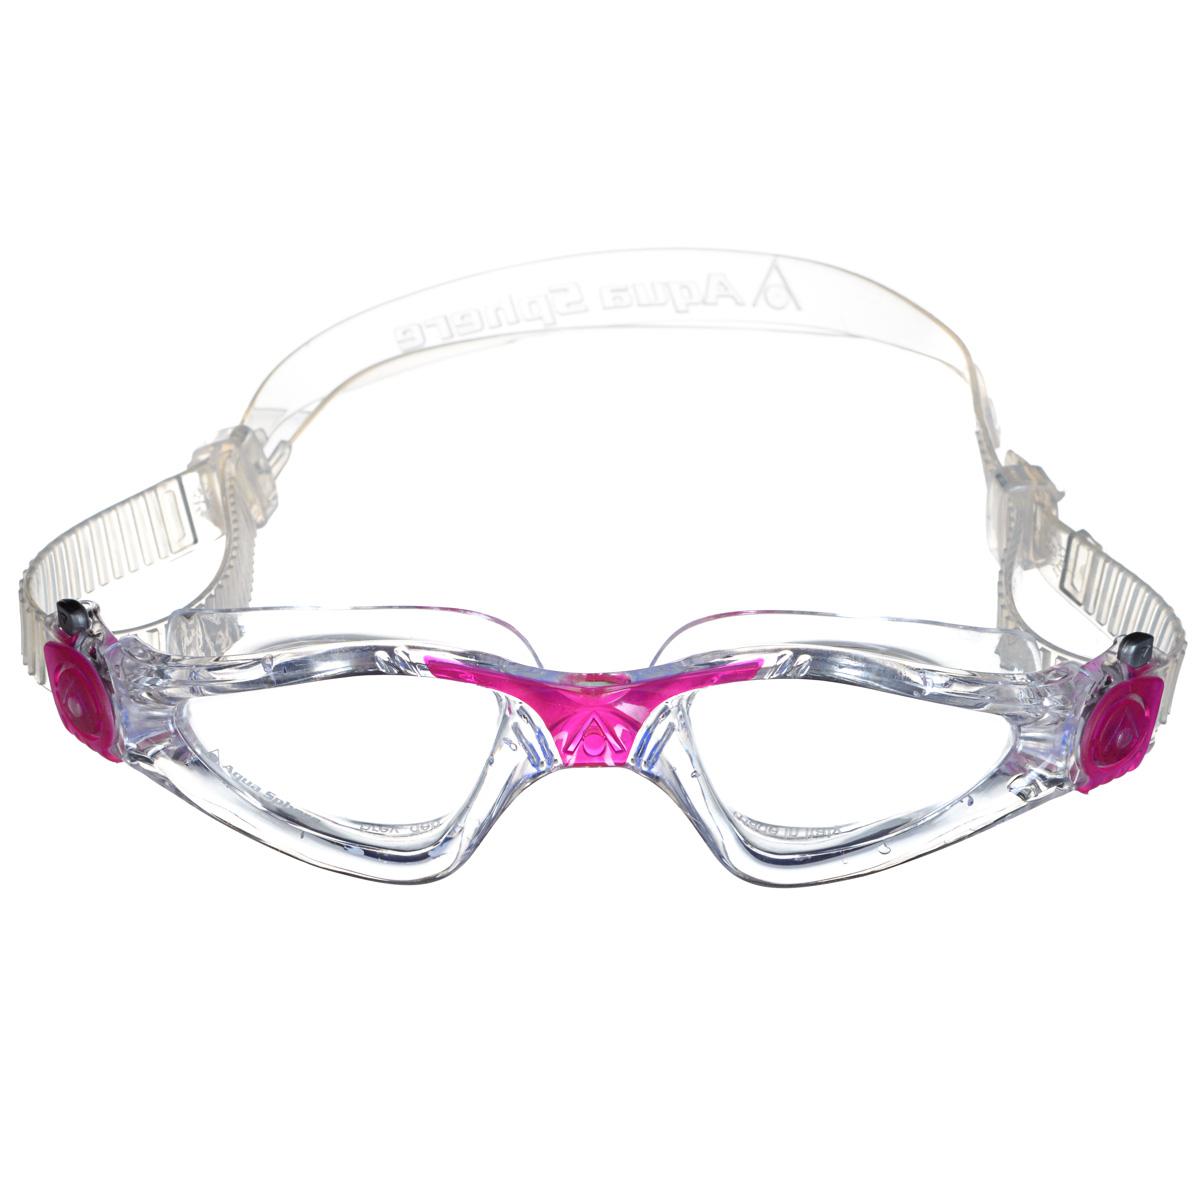 Очки для плавания Aqua Sphere Kayenne Lady, цвет: прозрачный, розовыйTN 175710Модные и стильные очки для плавания Aqua Sphere Kayenne Lady идеально подходят для плавания в бассейне или открытой воде. Оснащены линзами с антизапотевающим покрытием, которые устойчивы к появлению царапин. Мягкий комфортный обтюратор плотно прилегает к лицу.Запатентованные изогнутые линзы дают прекрасный обзор на 180° - без искажений. Рамка имеет гидродинамическую форму. Очки оснащены удобными быстрорегулируемыми пряжками.Материал: софтерил, plexisol.